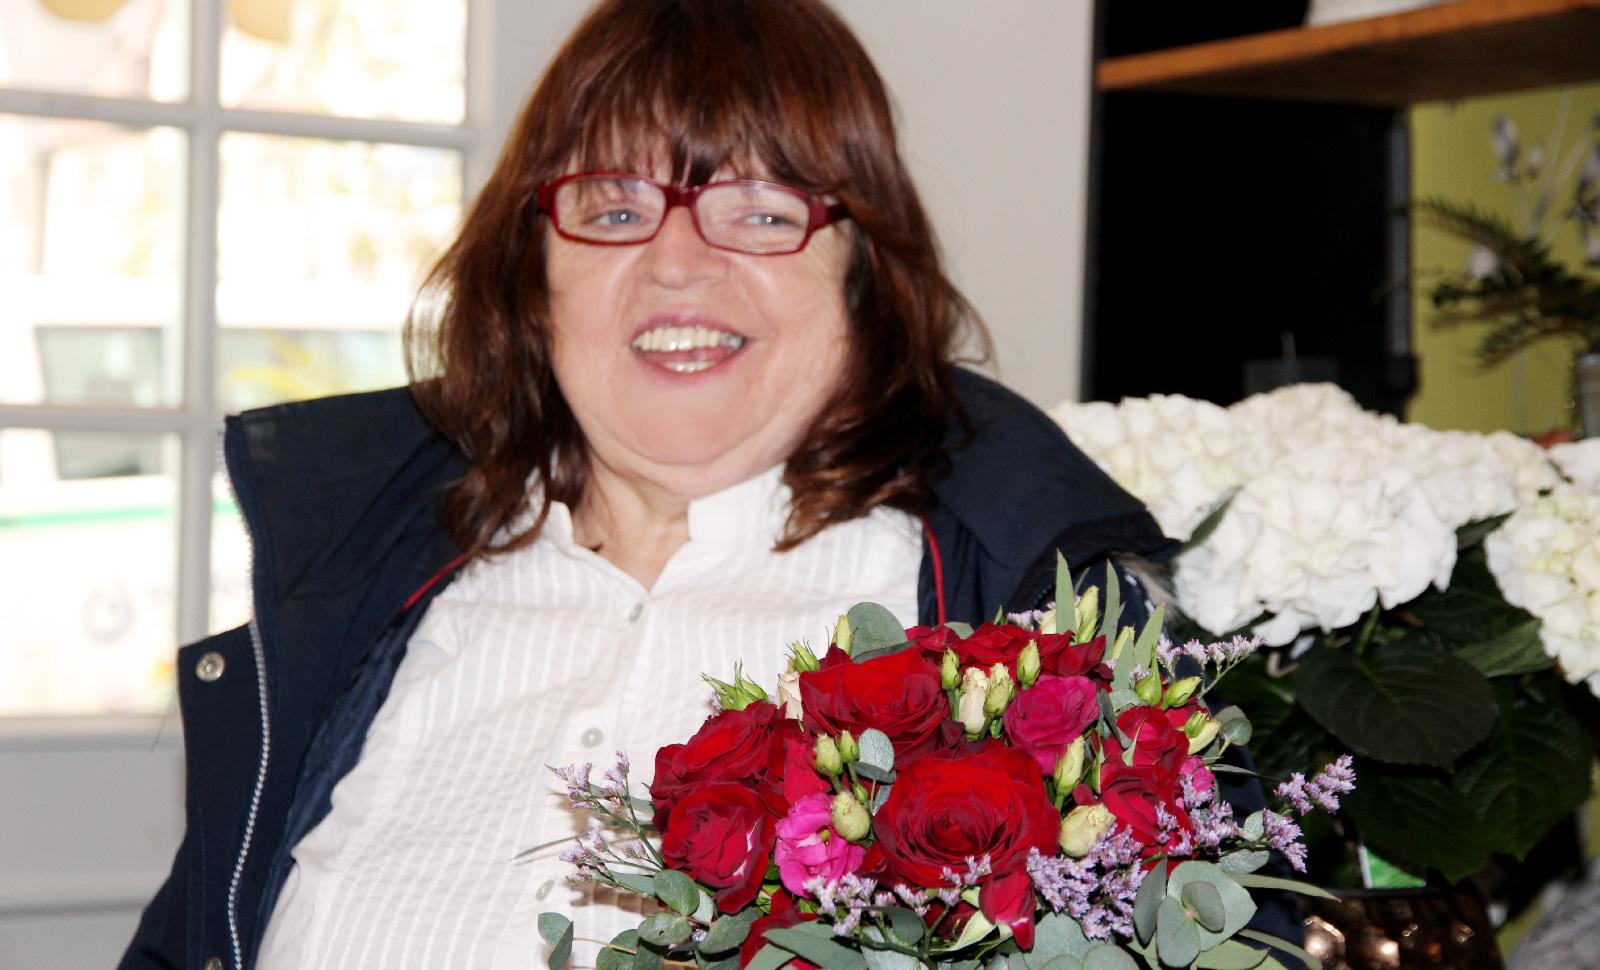 Glücklich! Helga Elterlein, Bewohnerin der Außenwohngruppe, bekam von ihrem Herzblatt Hans Wunder, Rosen zum 60. Geburtstag.